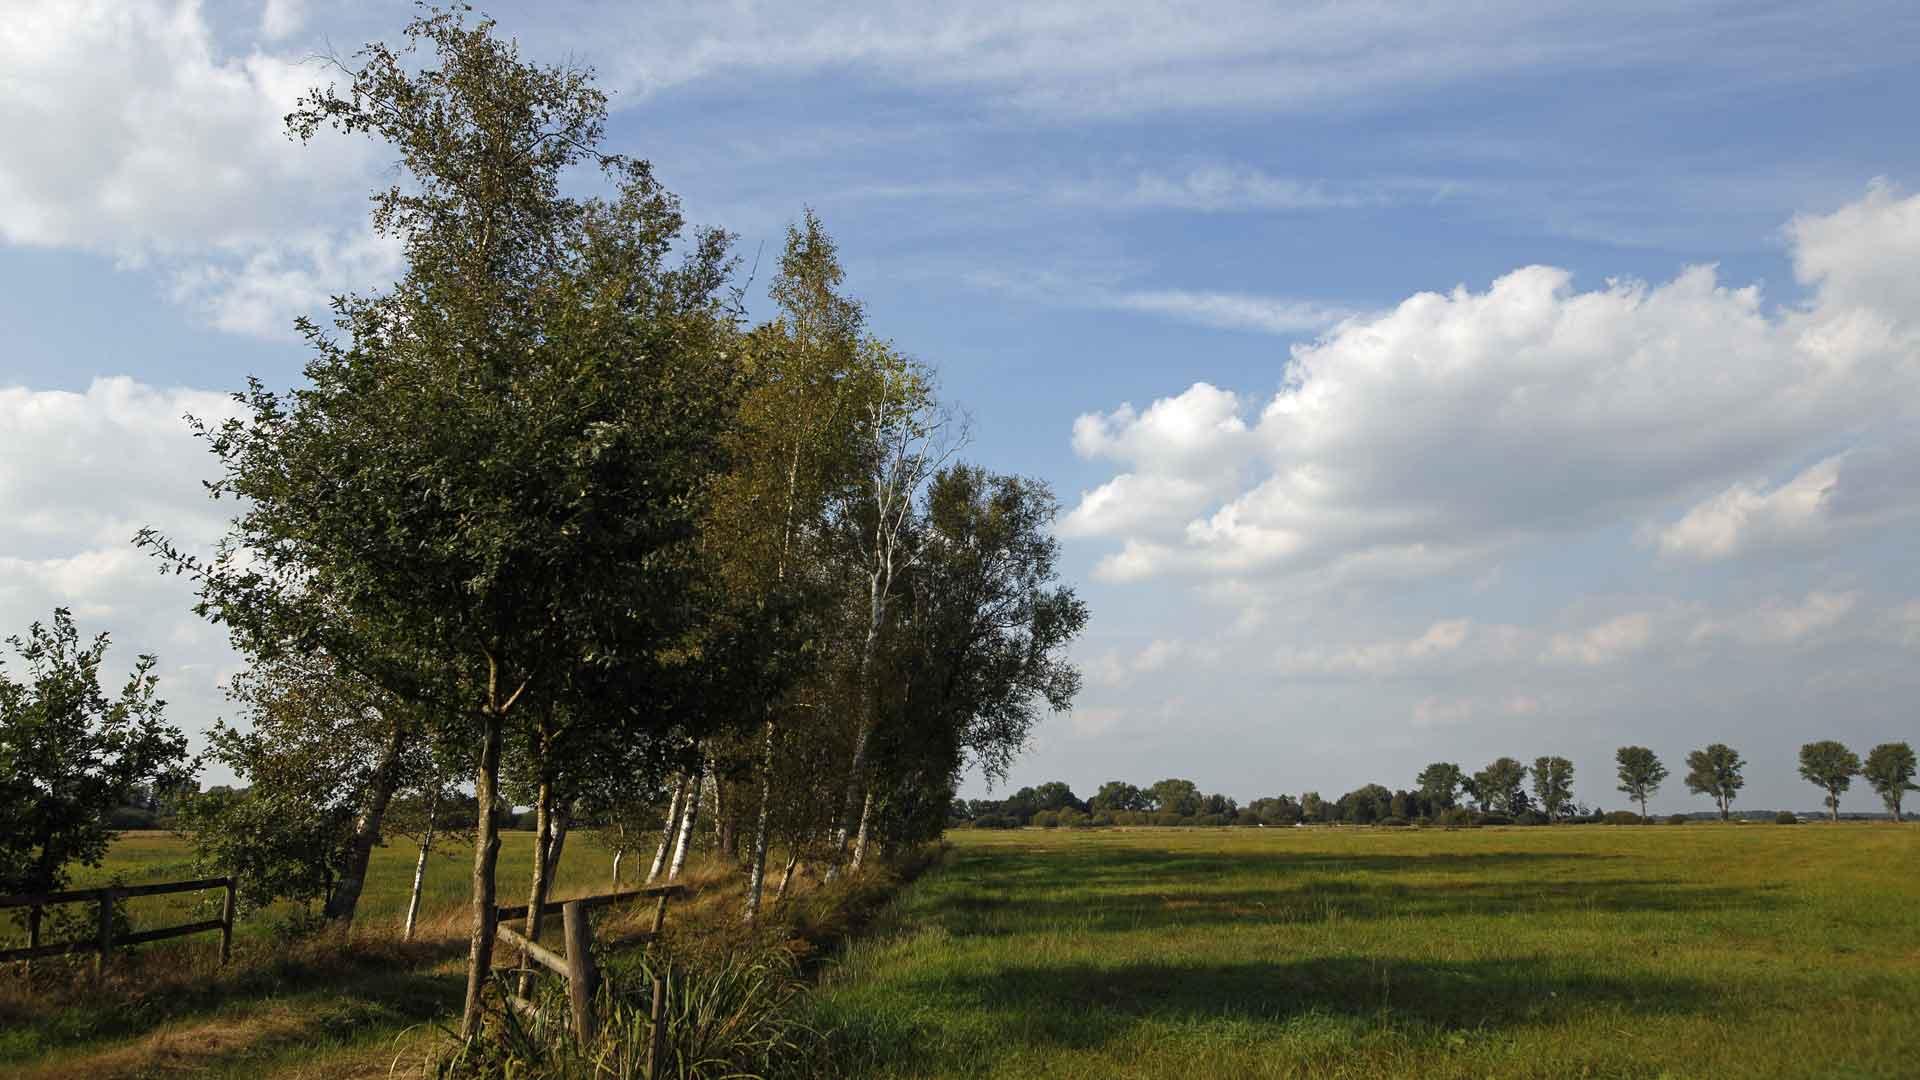 Het landschap van het Teufelsmoor rondom Worpswede is weids met hier en daar wat berken.